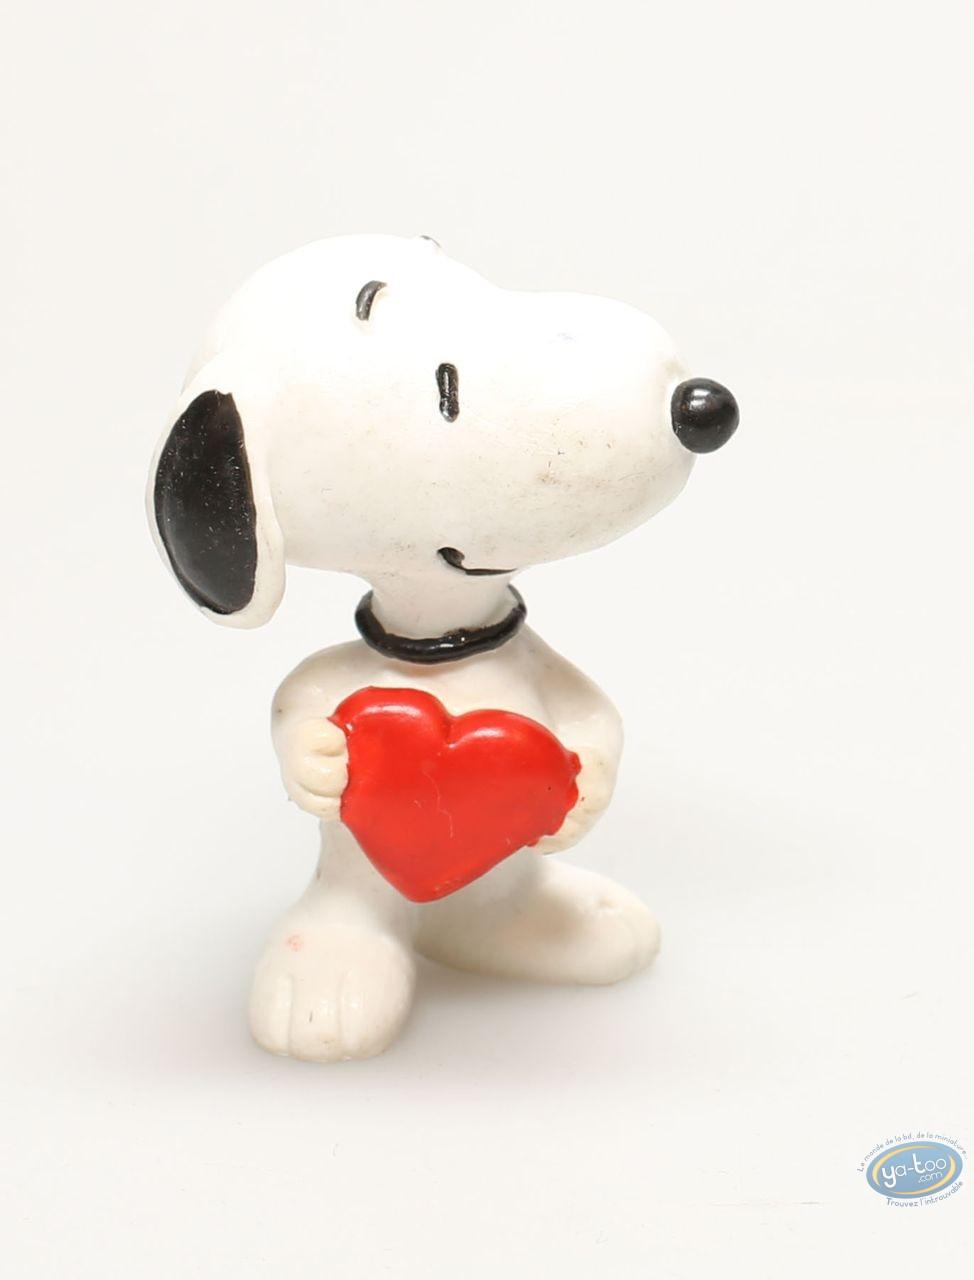 Figurine plastique, Snoopy : Snoopy avec coeur